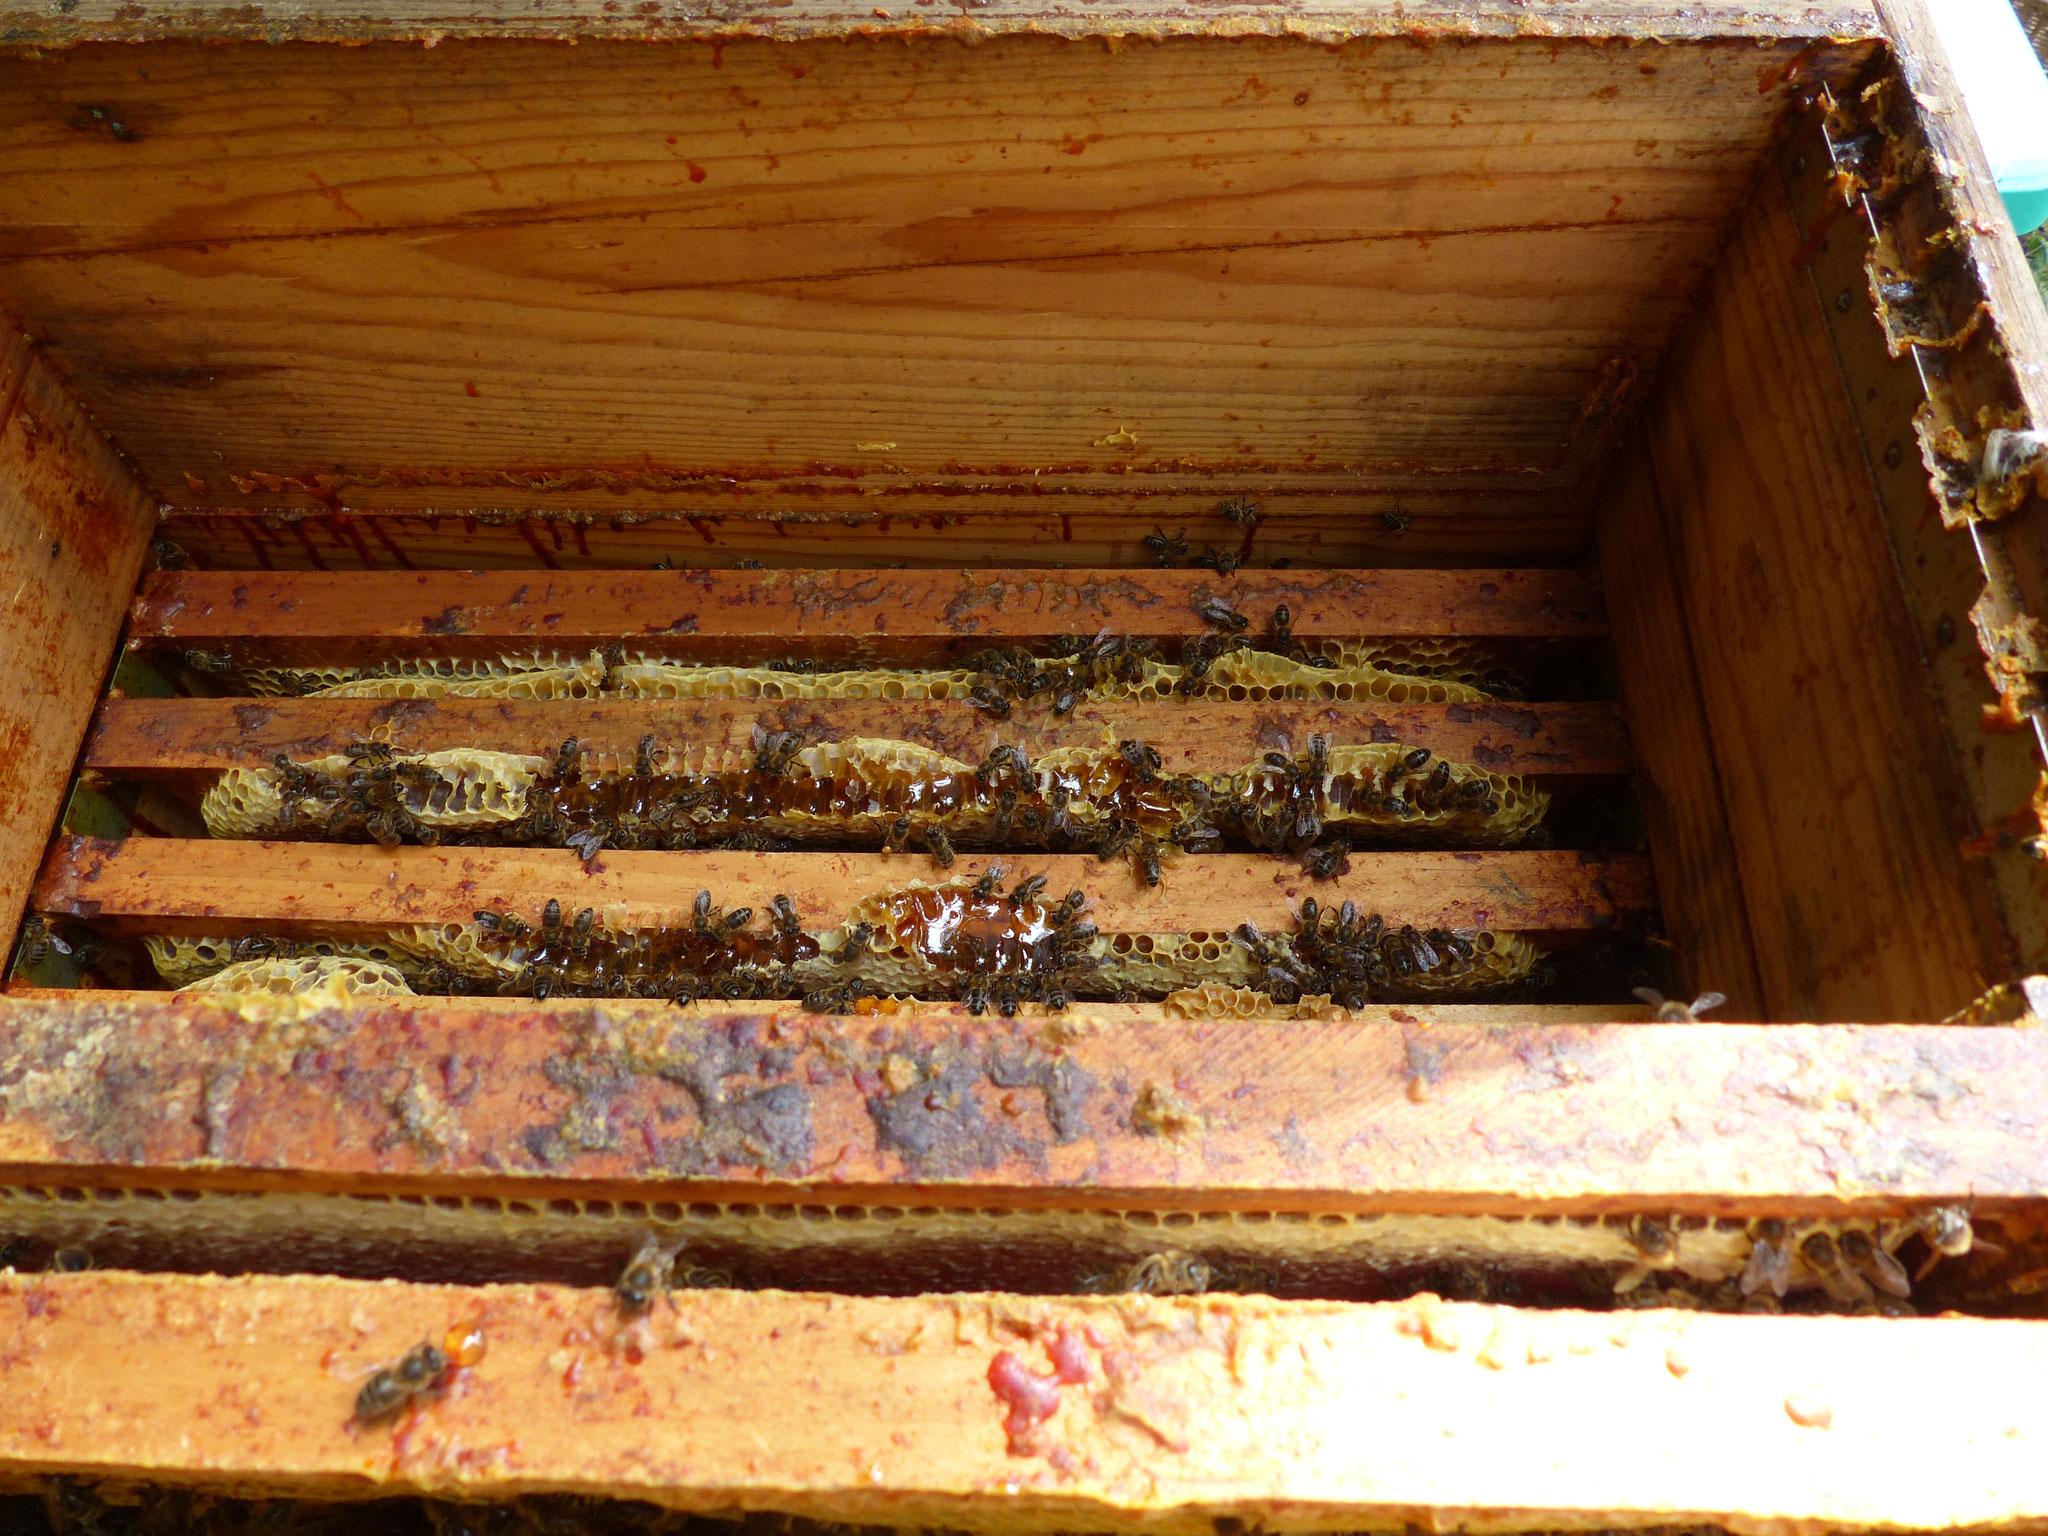 L'interieur de la ruche